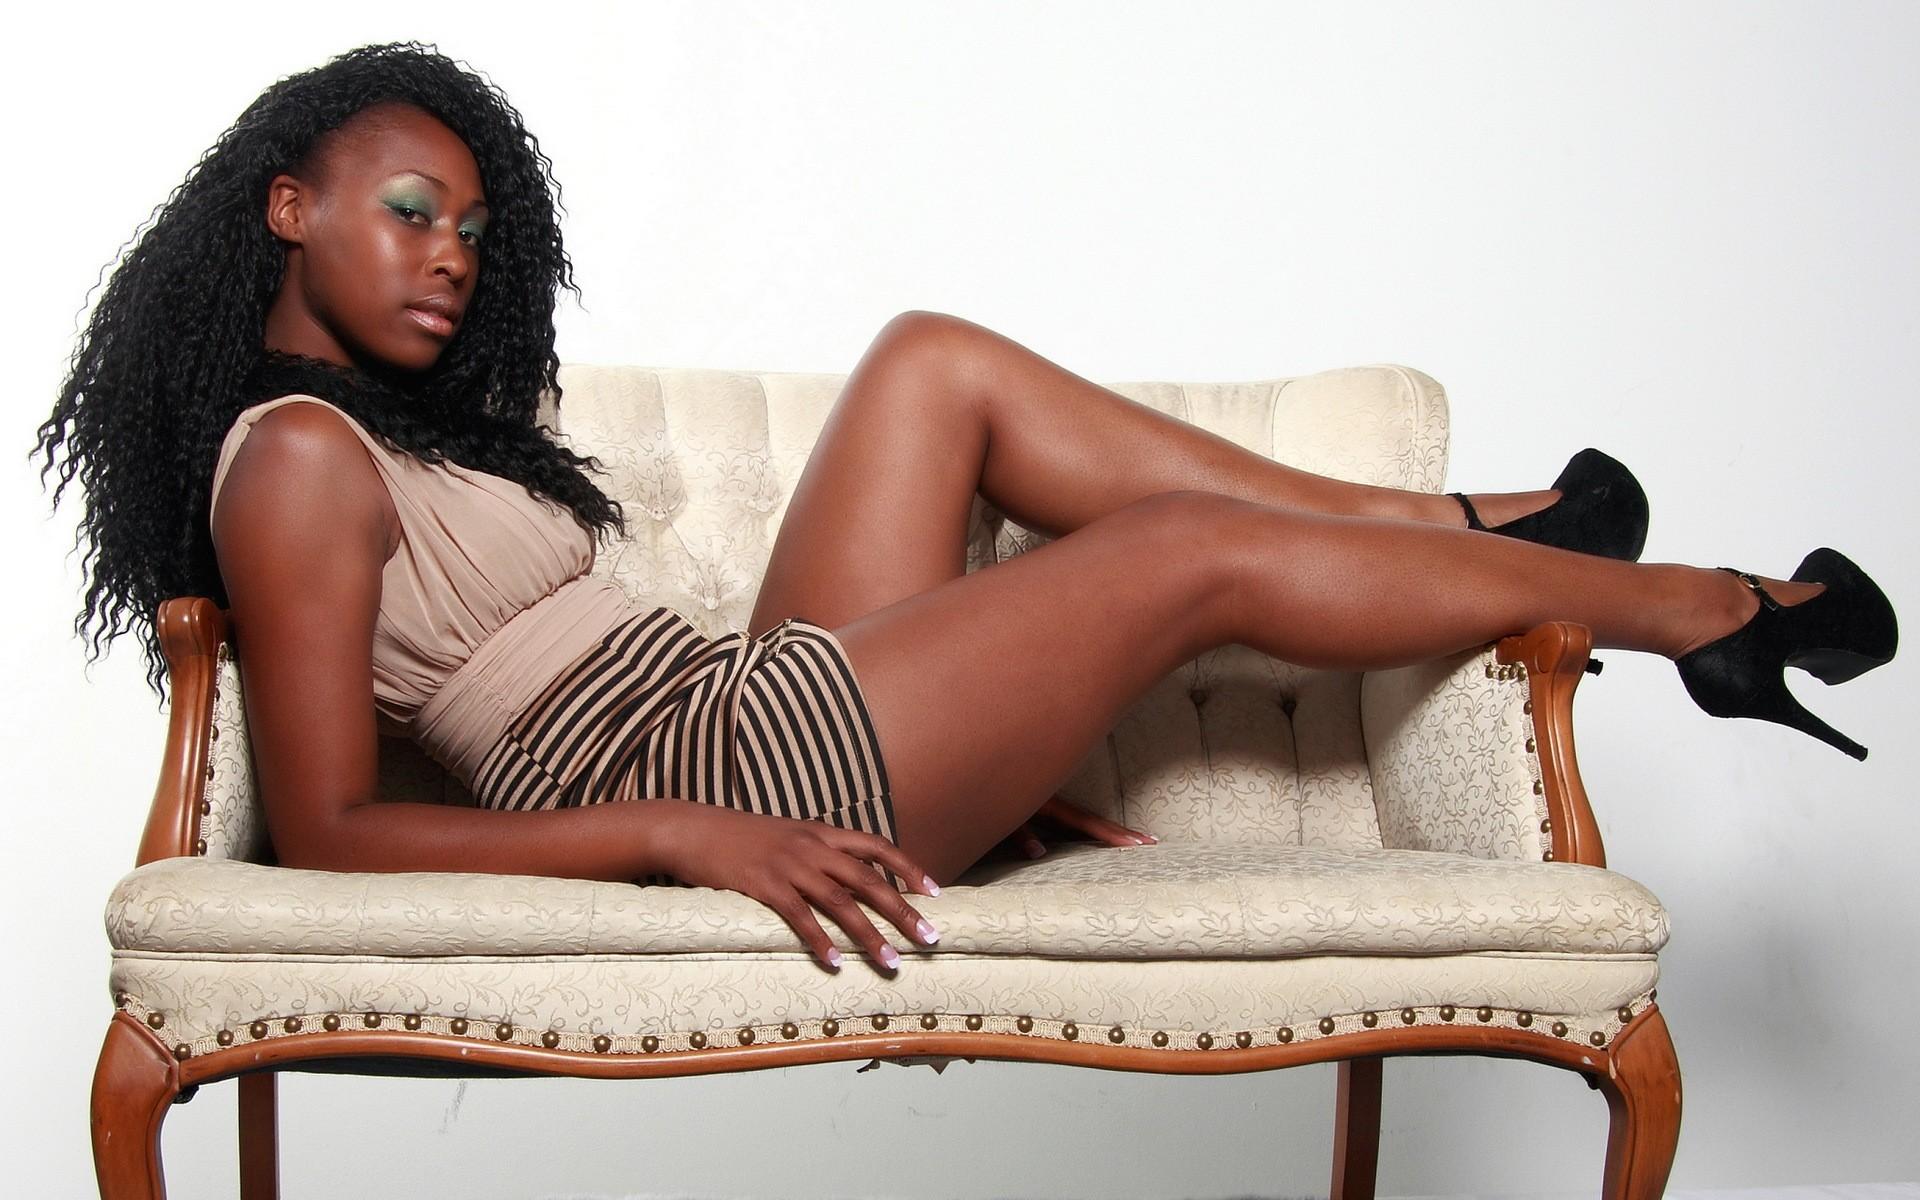 ножки негритянок фото - 12